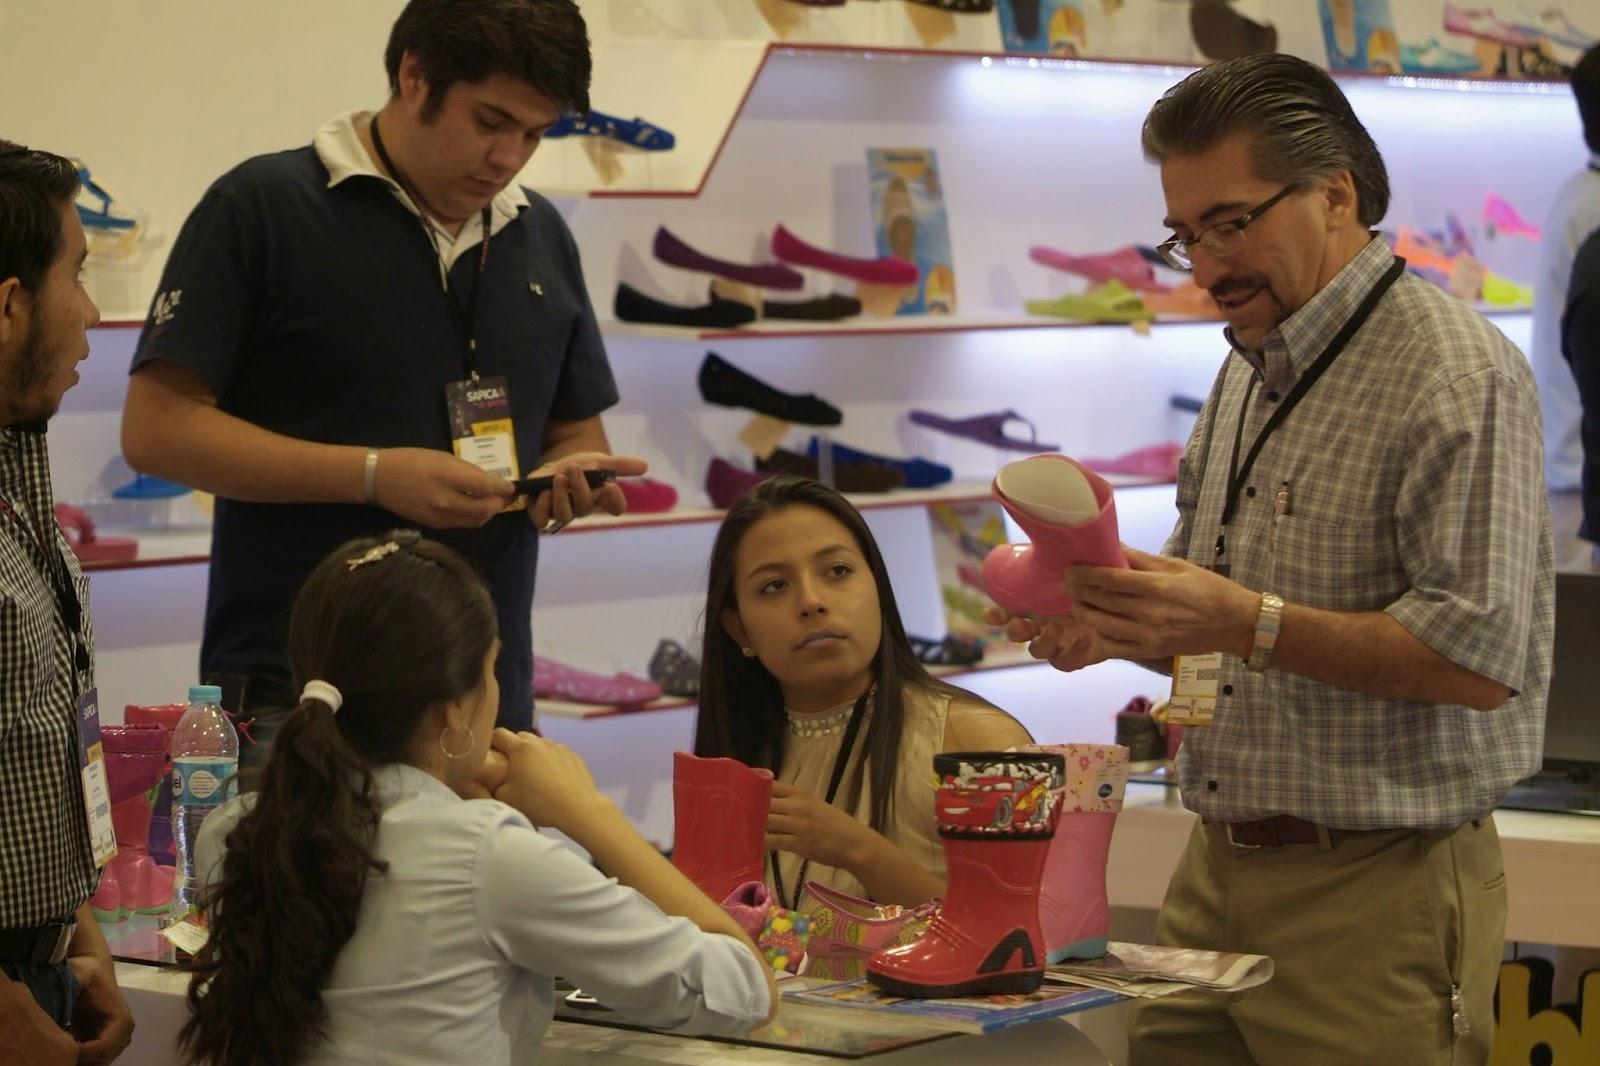 compradores, sapica, marzo 2014, poliforum, feria de calzado, negocios, calzado niño